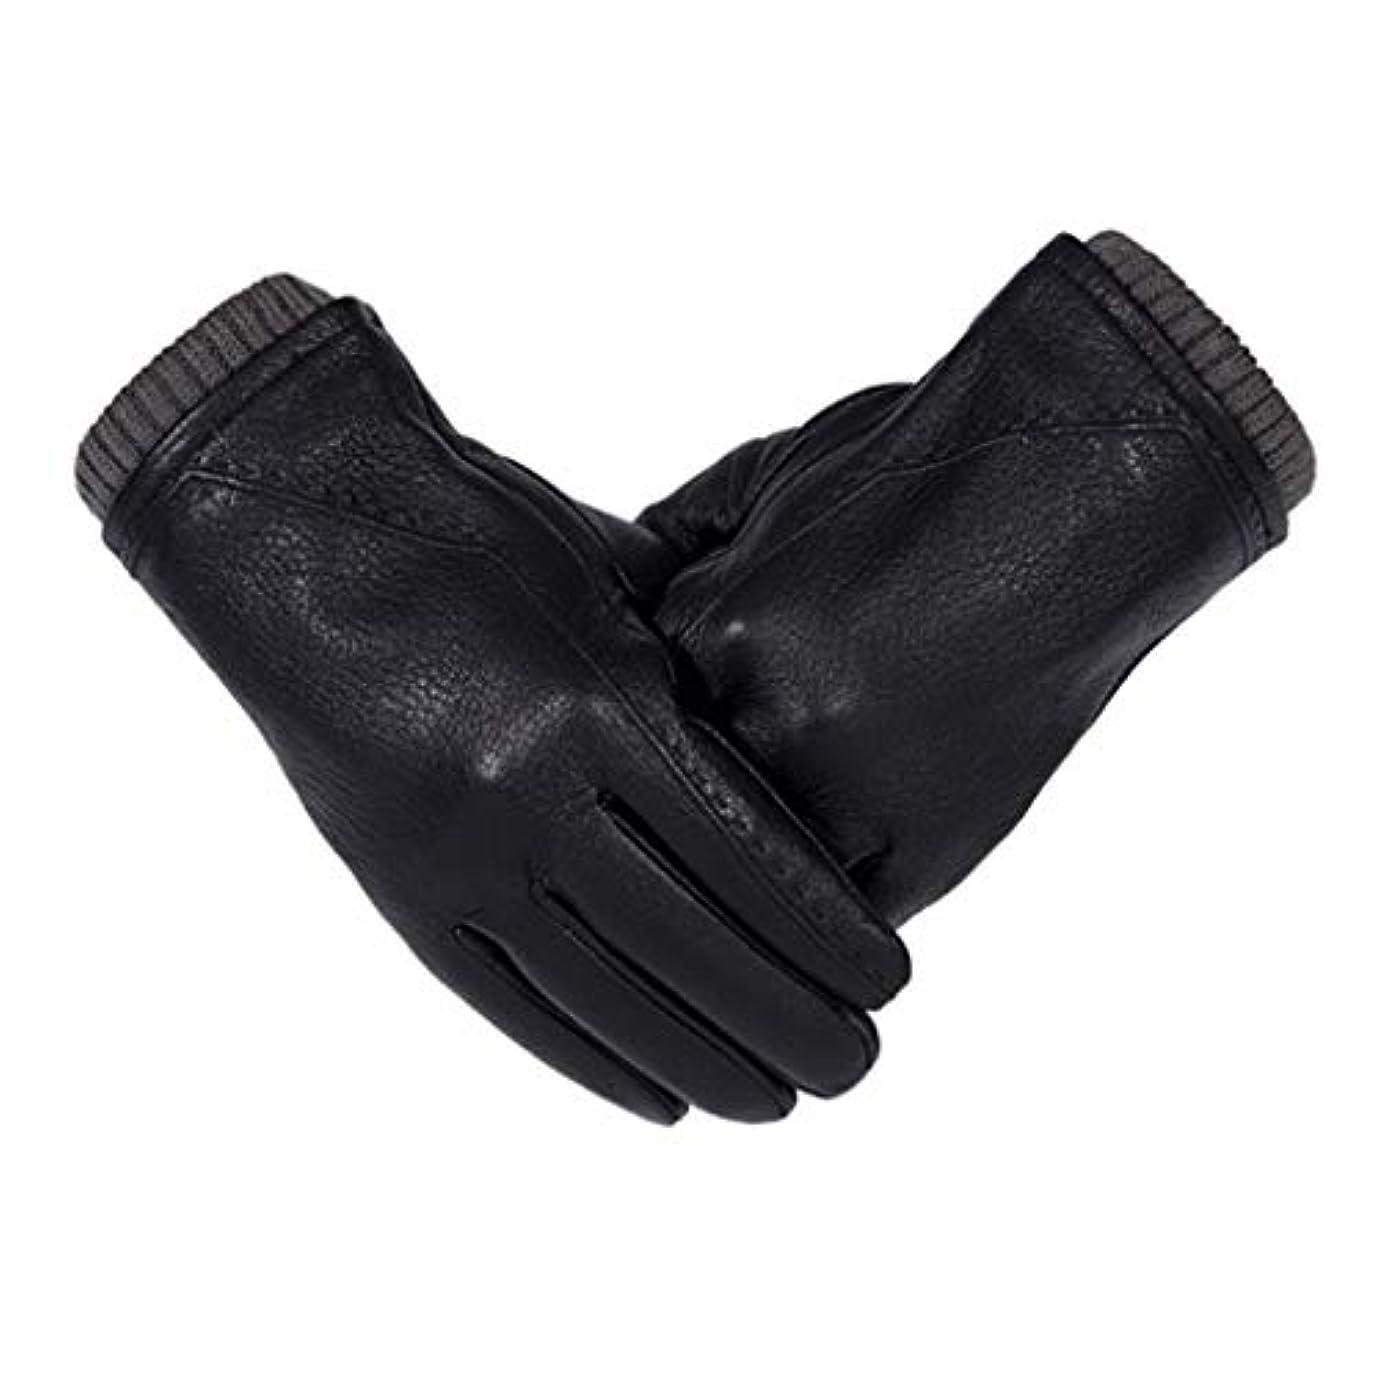 軽能力イブ革の手袋男性の冬の厚いタッチタッチスクリーン駆動サイクリング男性の暖かい手袋